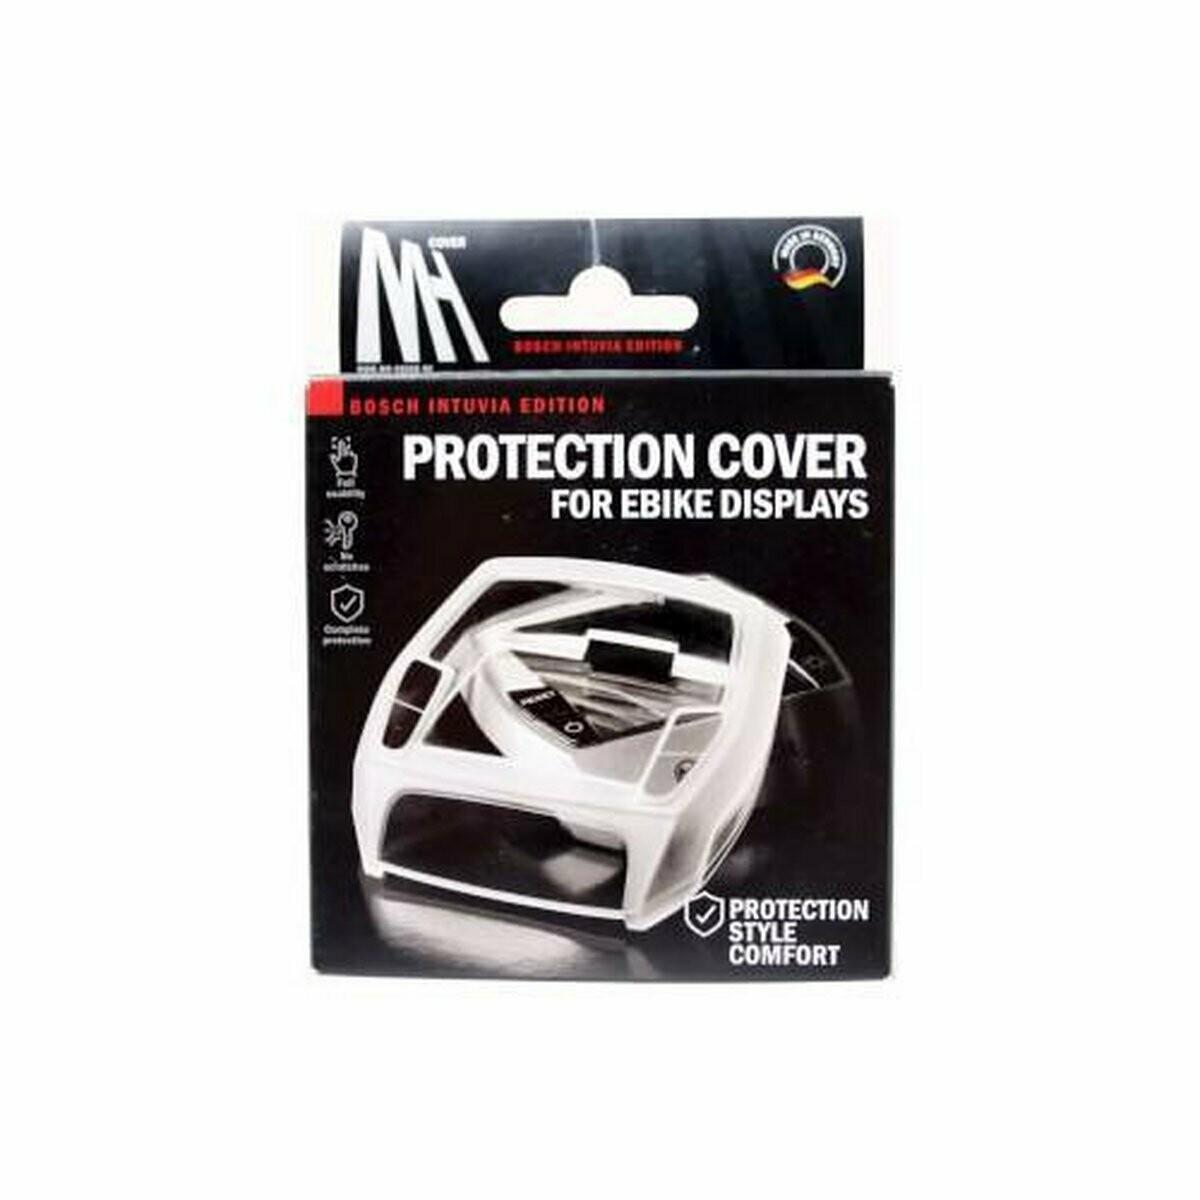 Bosch Intuvia Protection Cover E-Bike Display